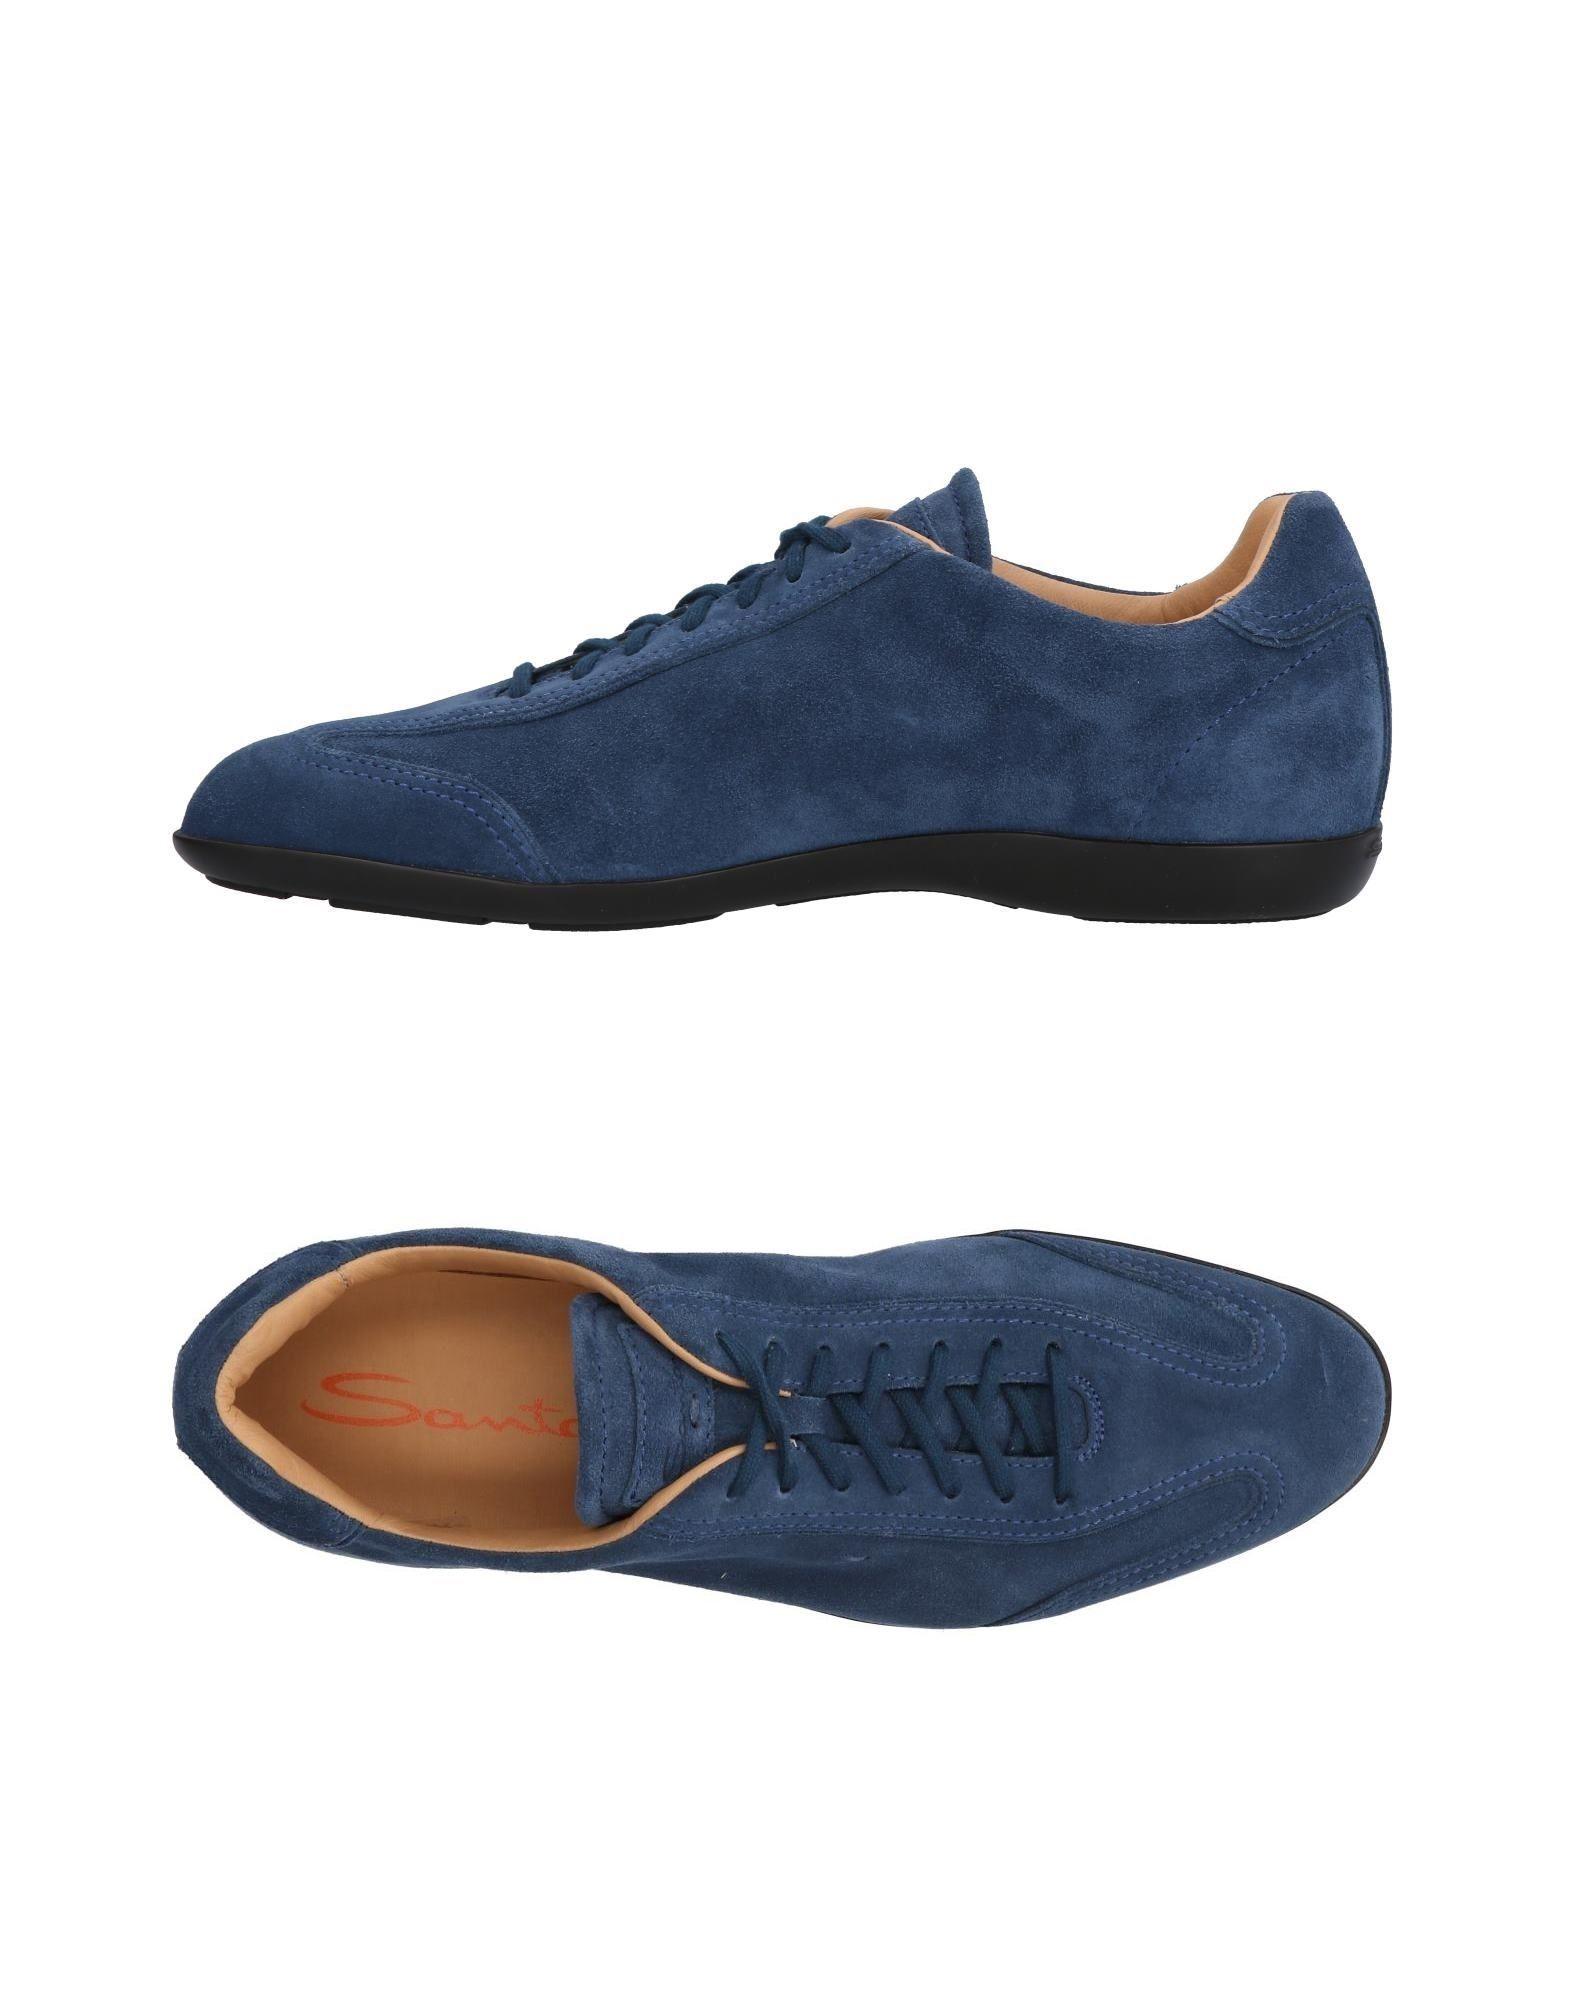 Santoni Sneakers Herren  11478672QX Gute Qualität beliebte Schuhe